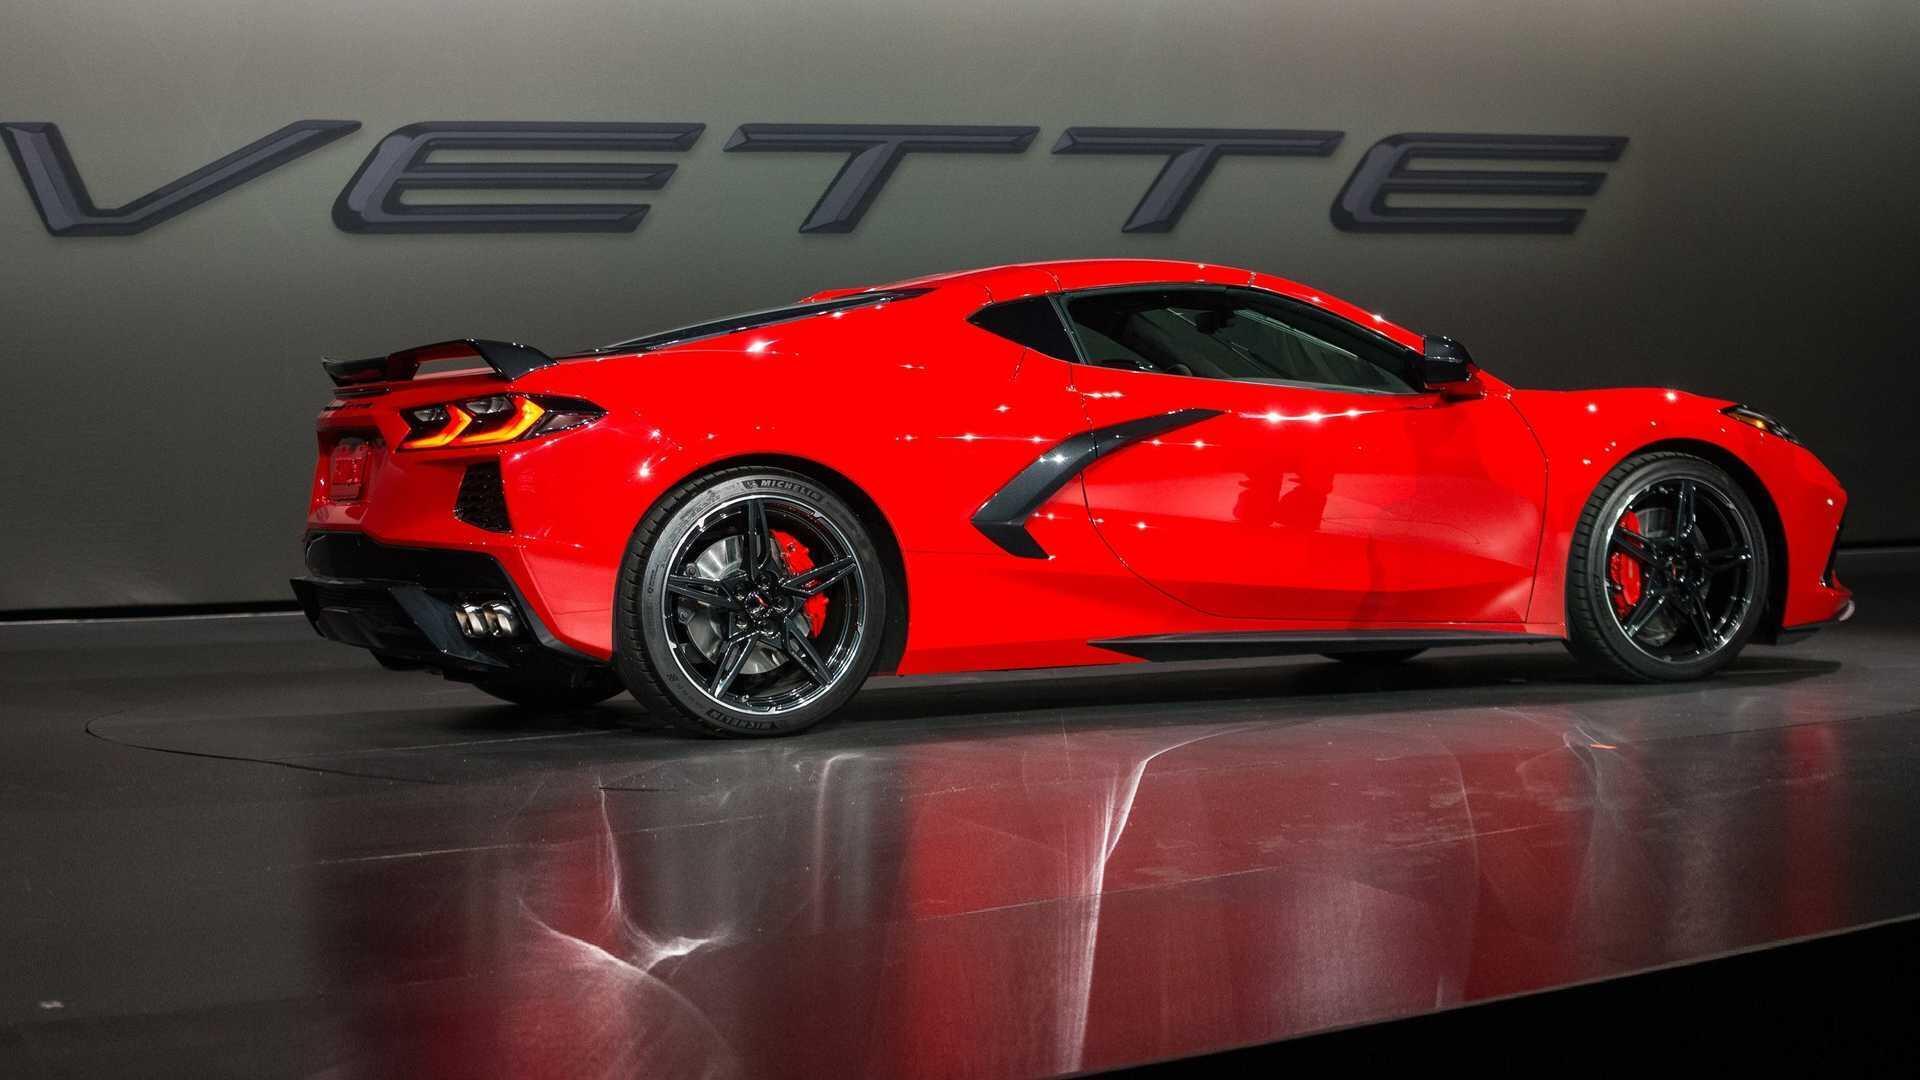 https://cdn.dailyxe.com.vn/image/chevrolet-corvette-2020-co-mot-so-tinh-nang-an-tuyet-voi-16-94509j2.jpg